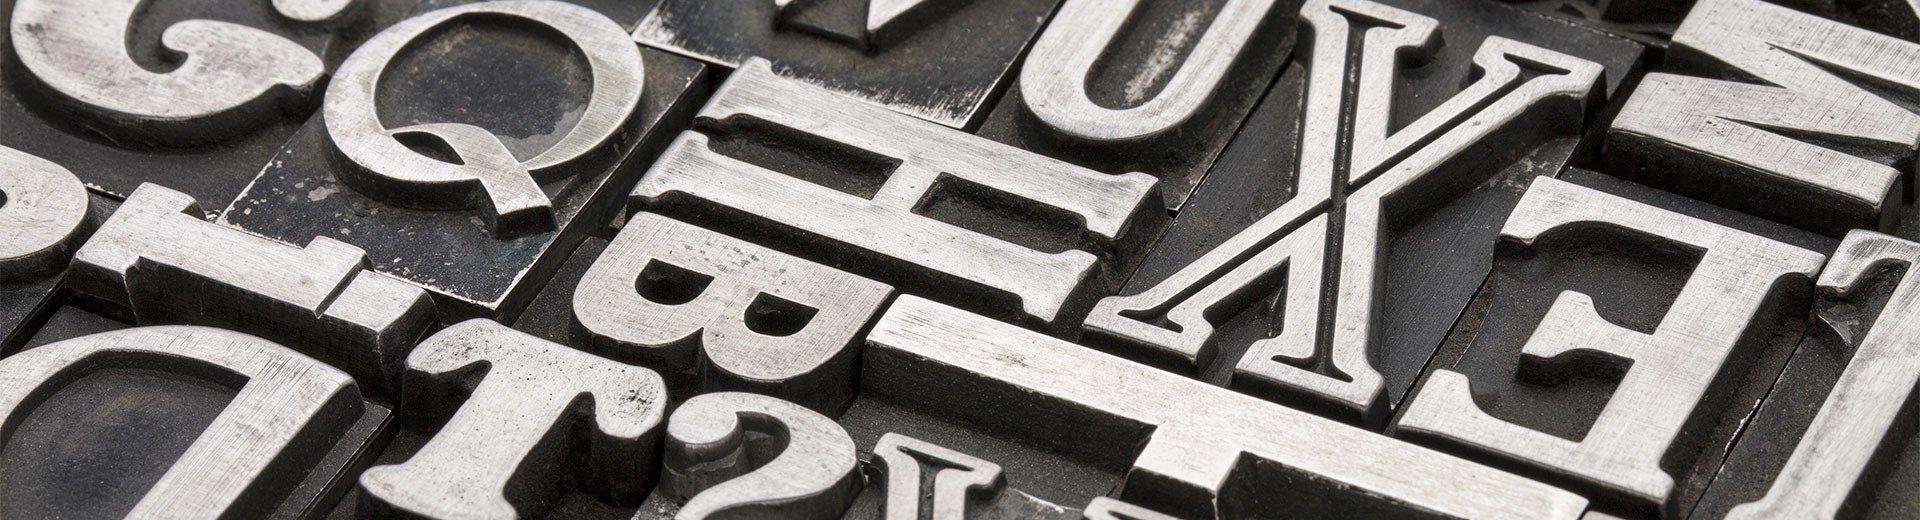 Okładka artykułu Darmowe fonty z polskimi znakami — Część #21